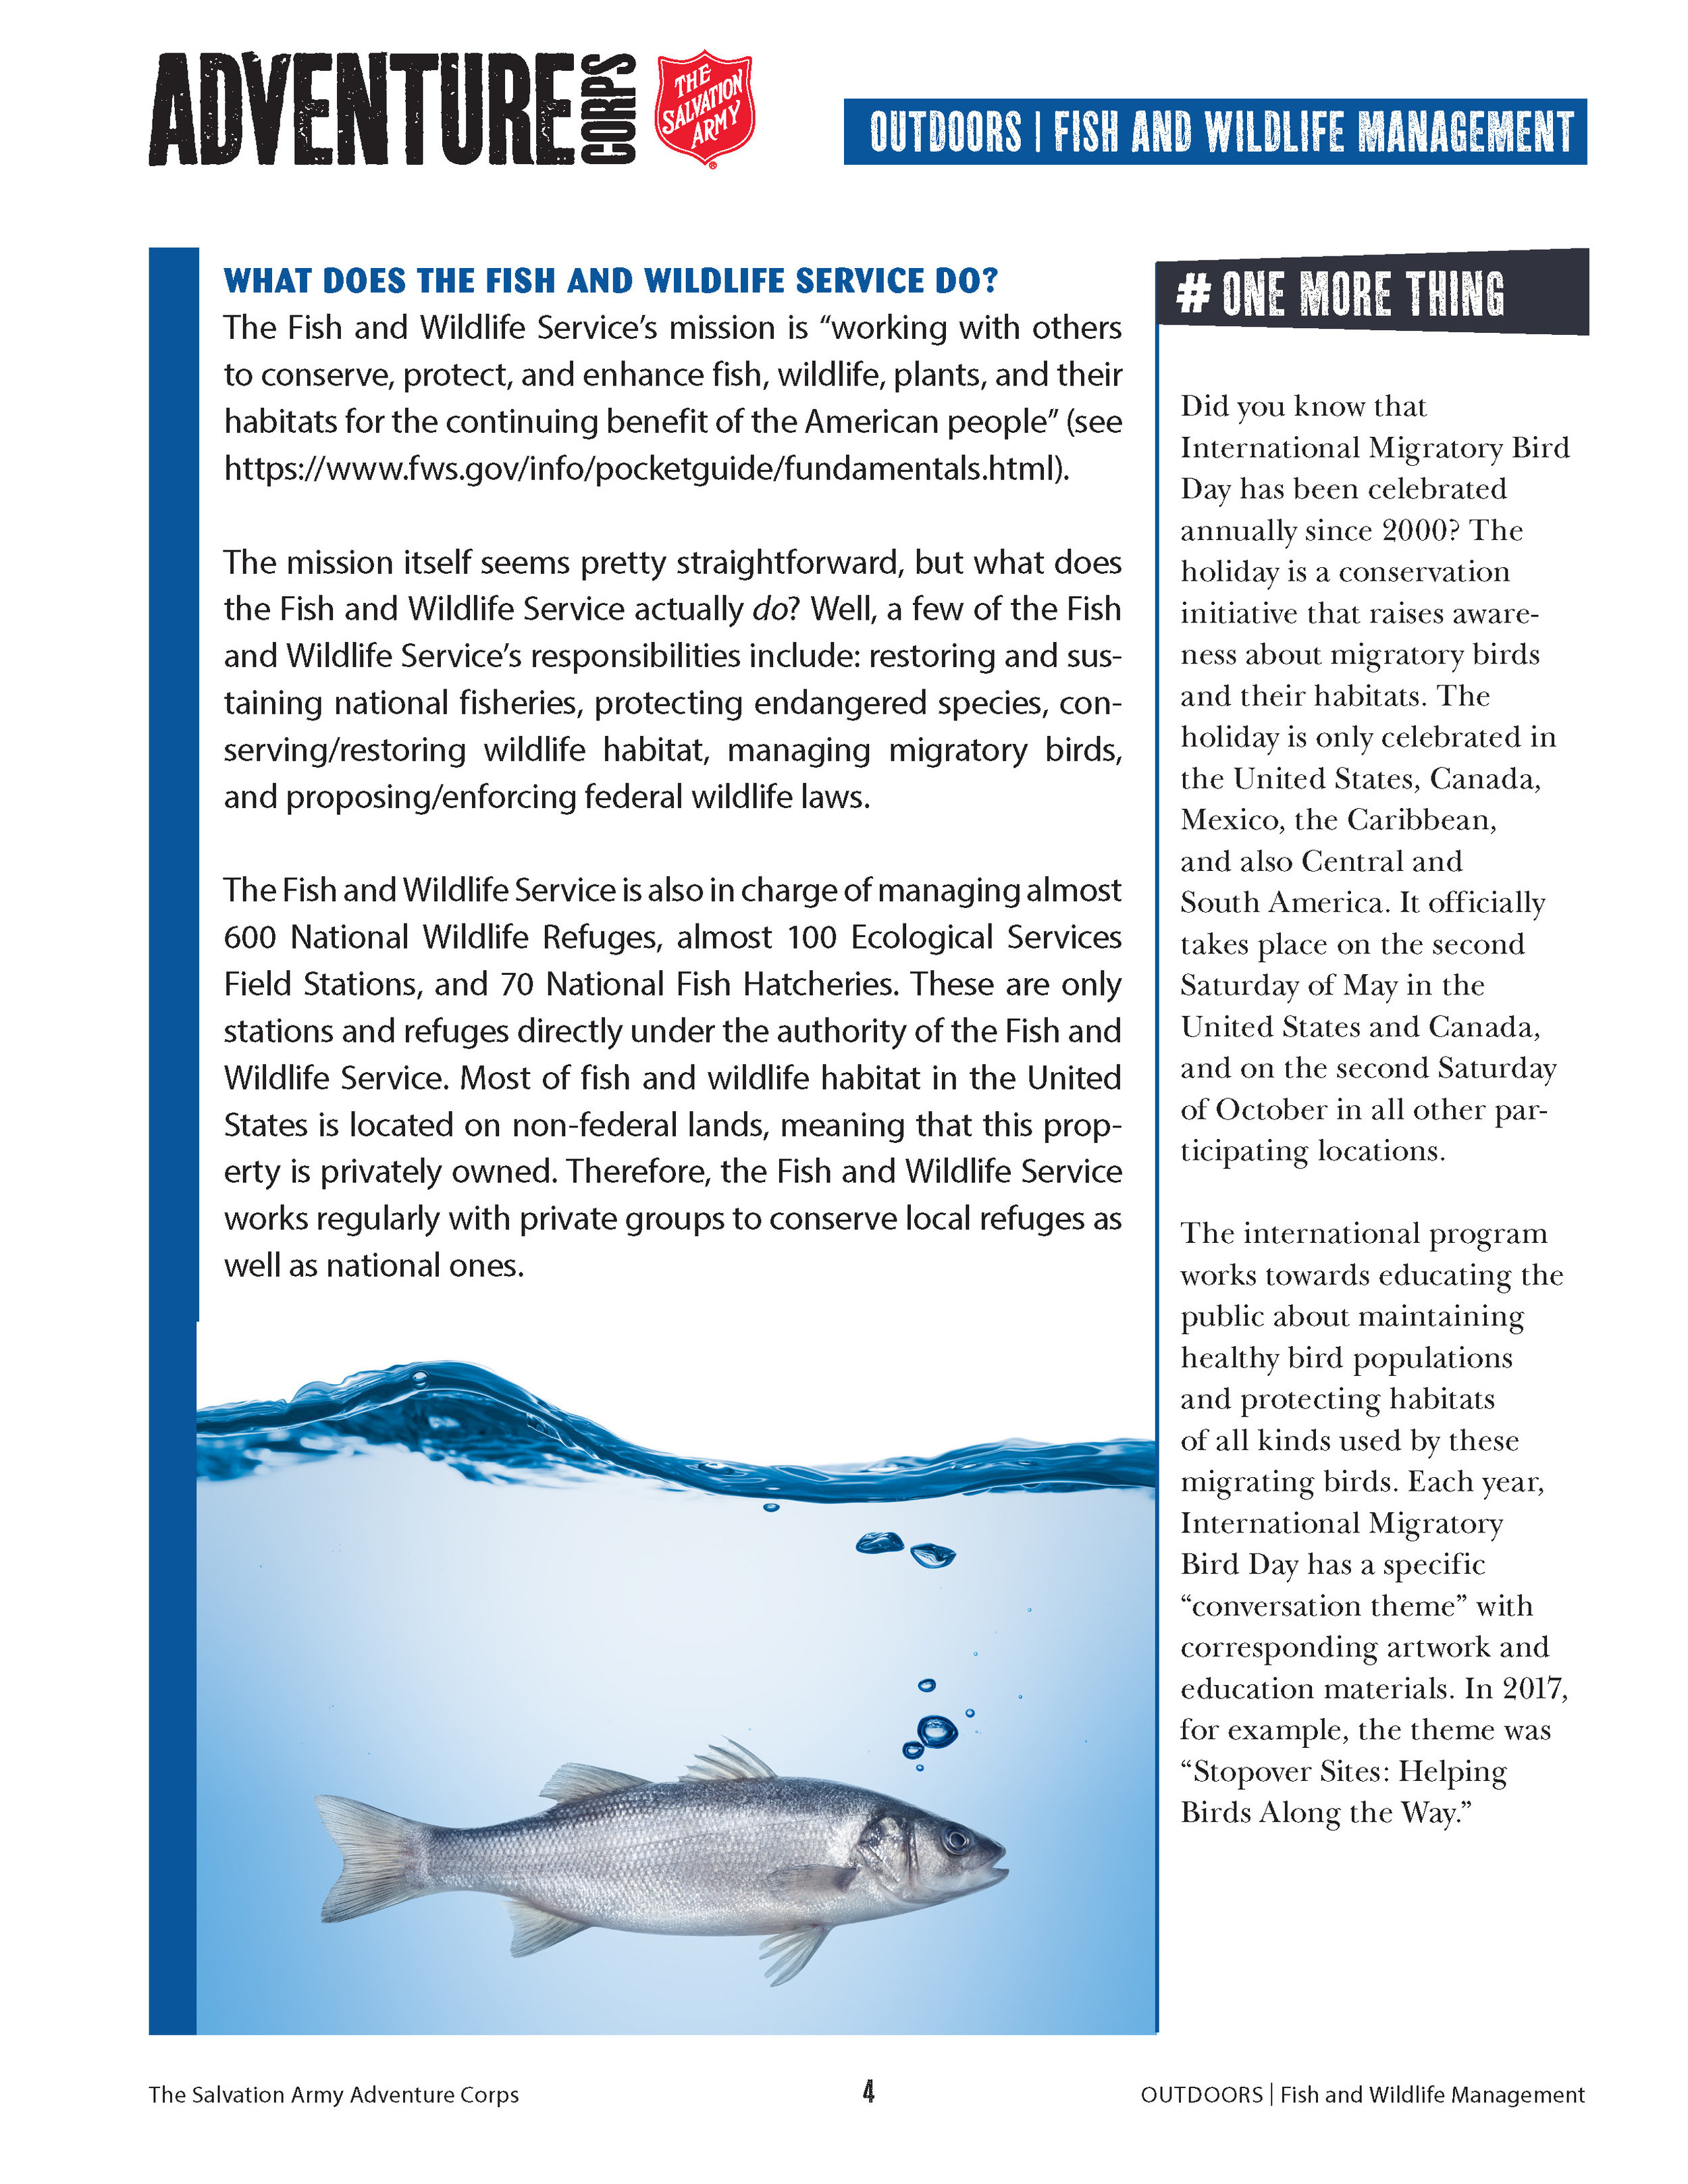 OUTDOORS_FishAndWildlifepdf_Page_04.jpg